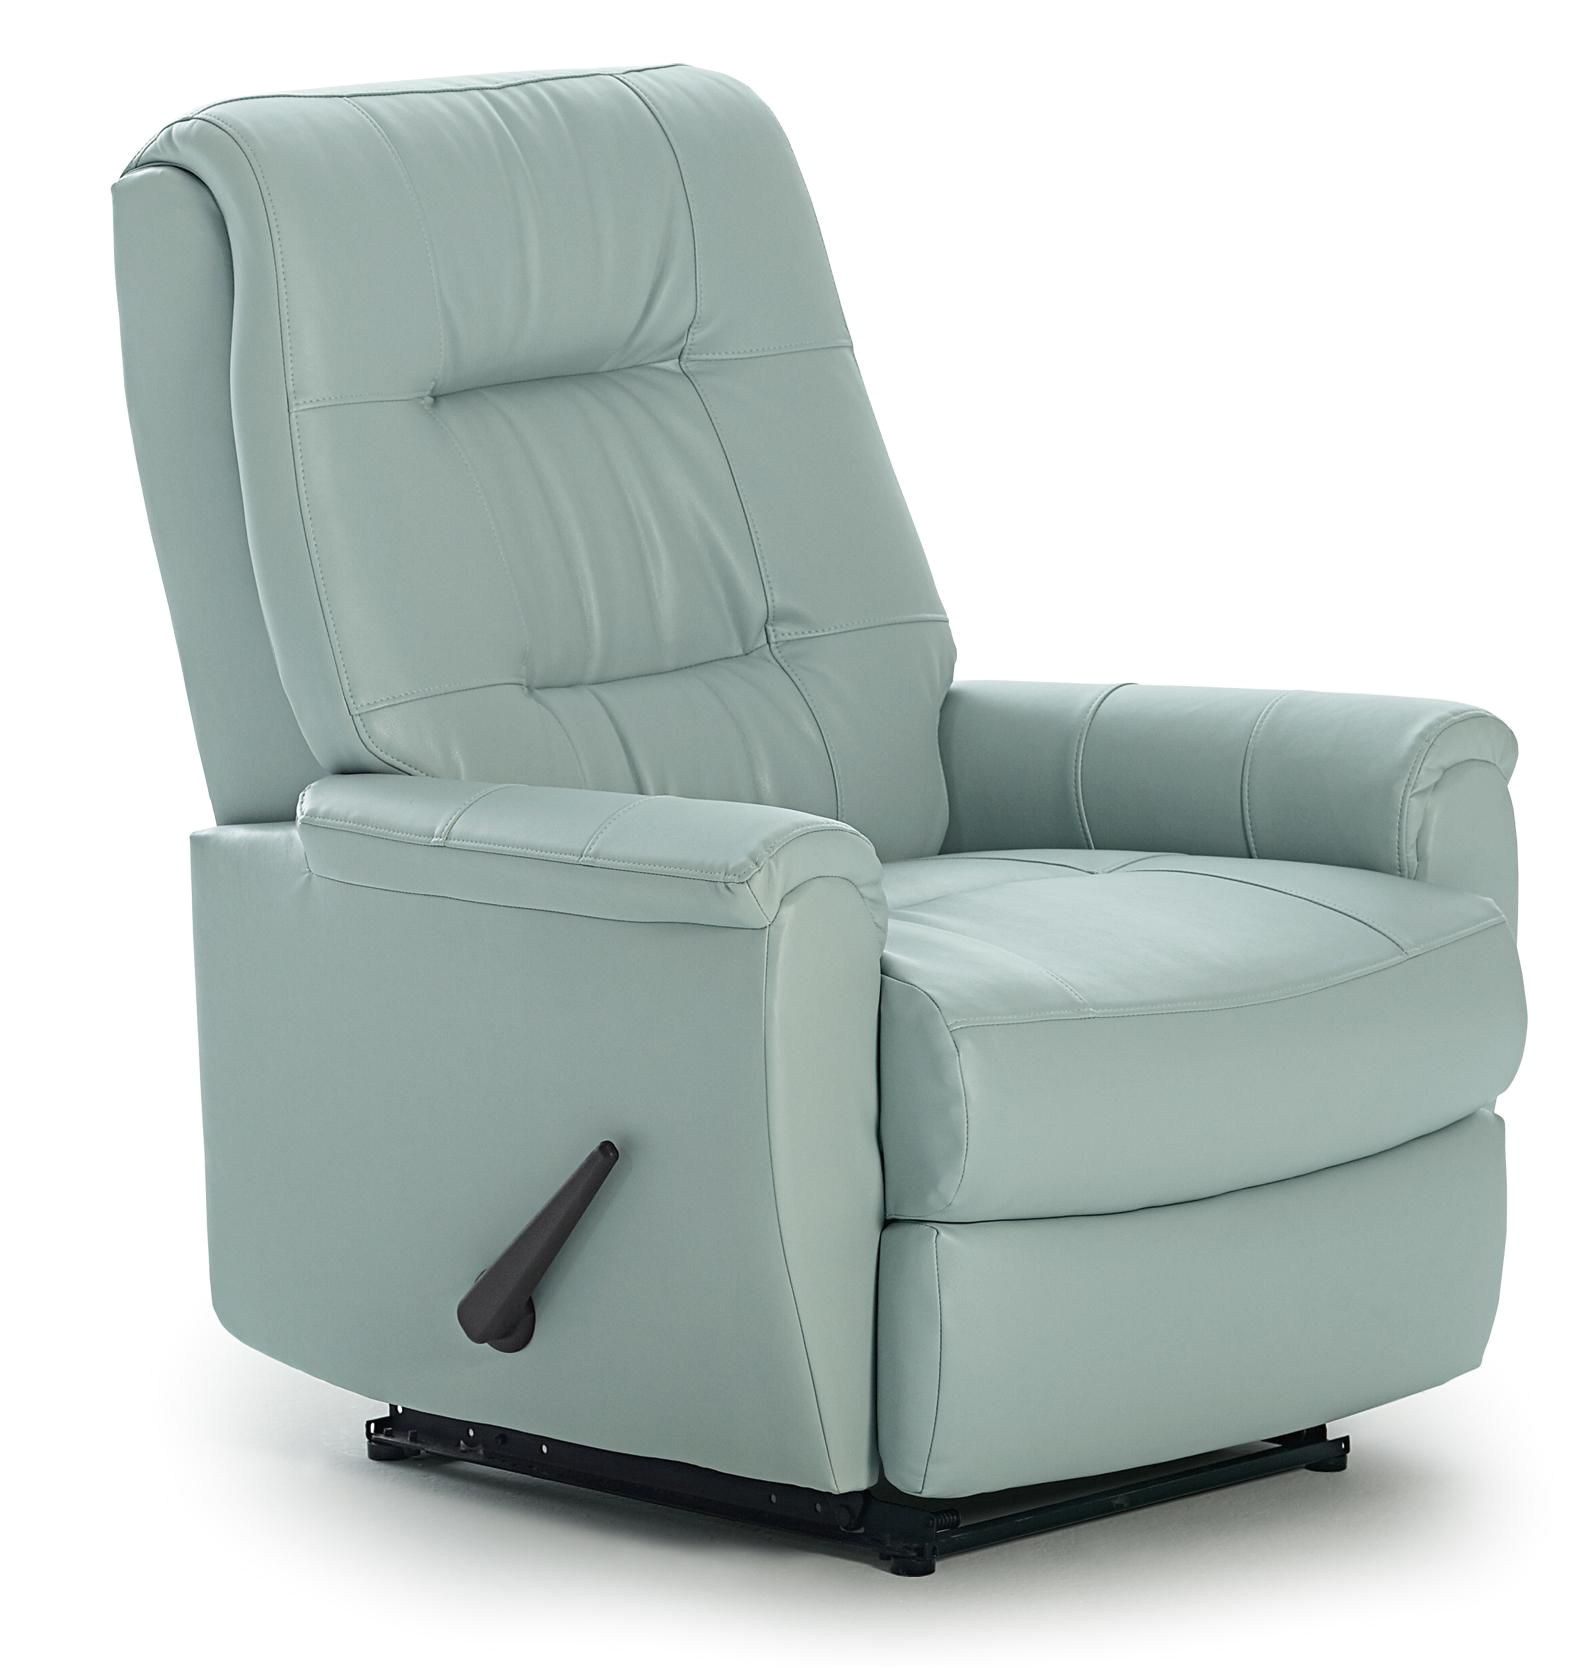 recliners petite swivel rocker recliner by best home furnishings